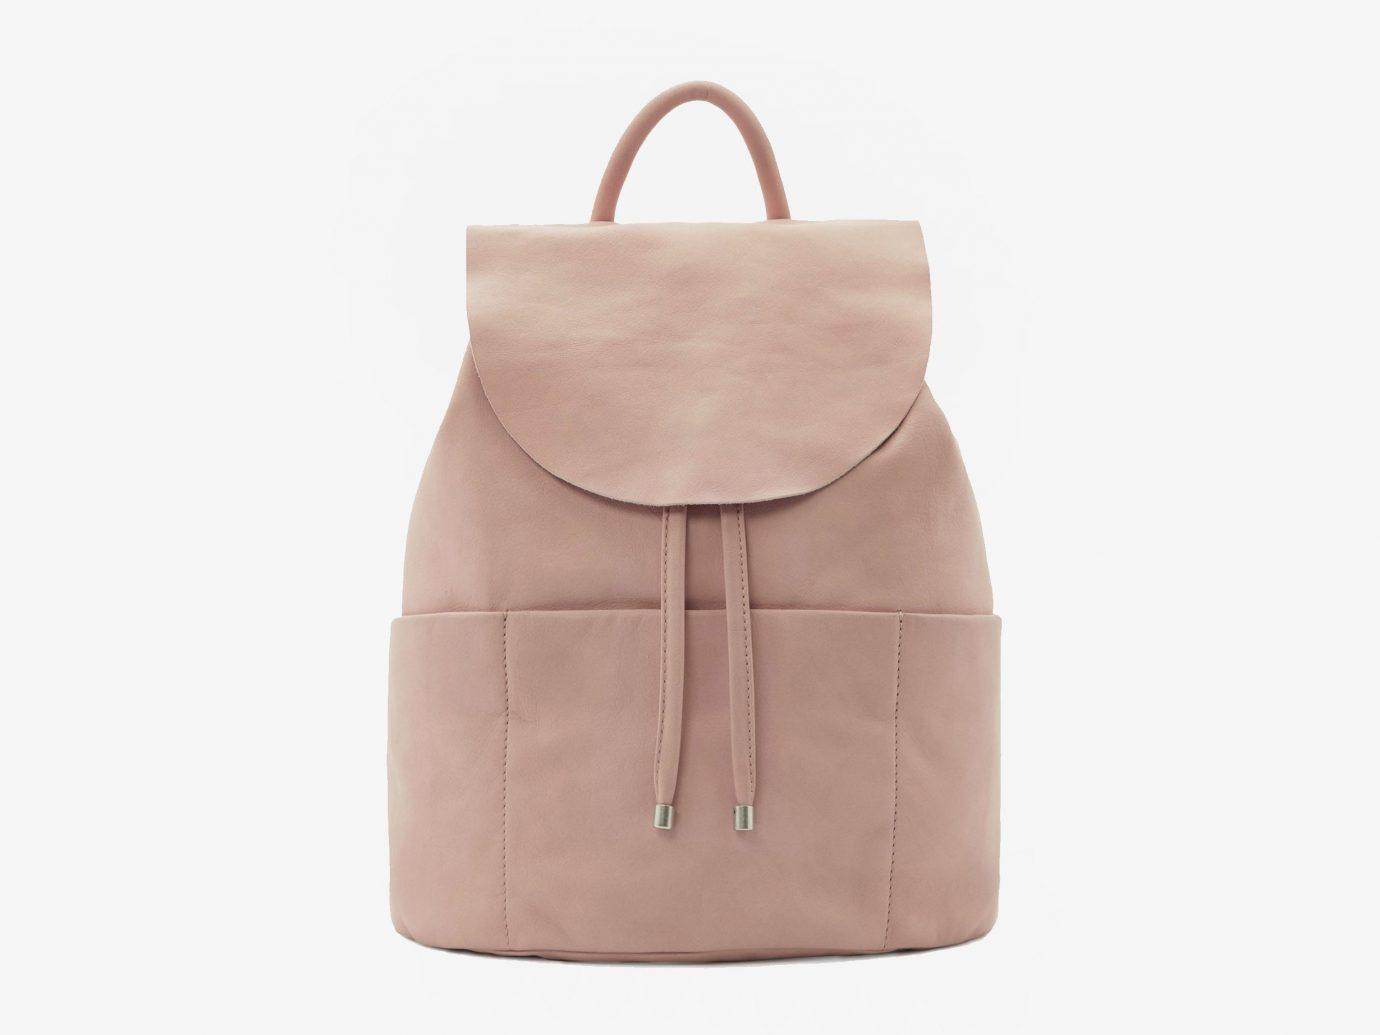 Style + Design handbag accessory bag indoor brown leather shoulder bag beige tote bag human body pocket textile case tan